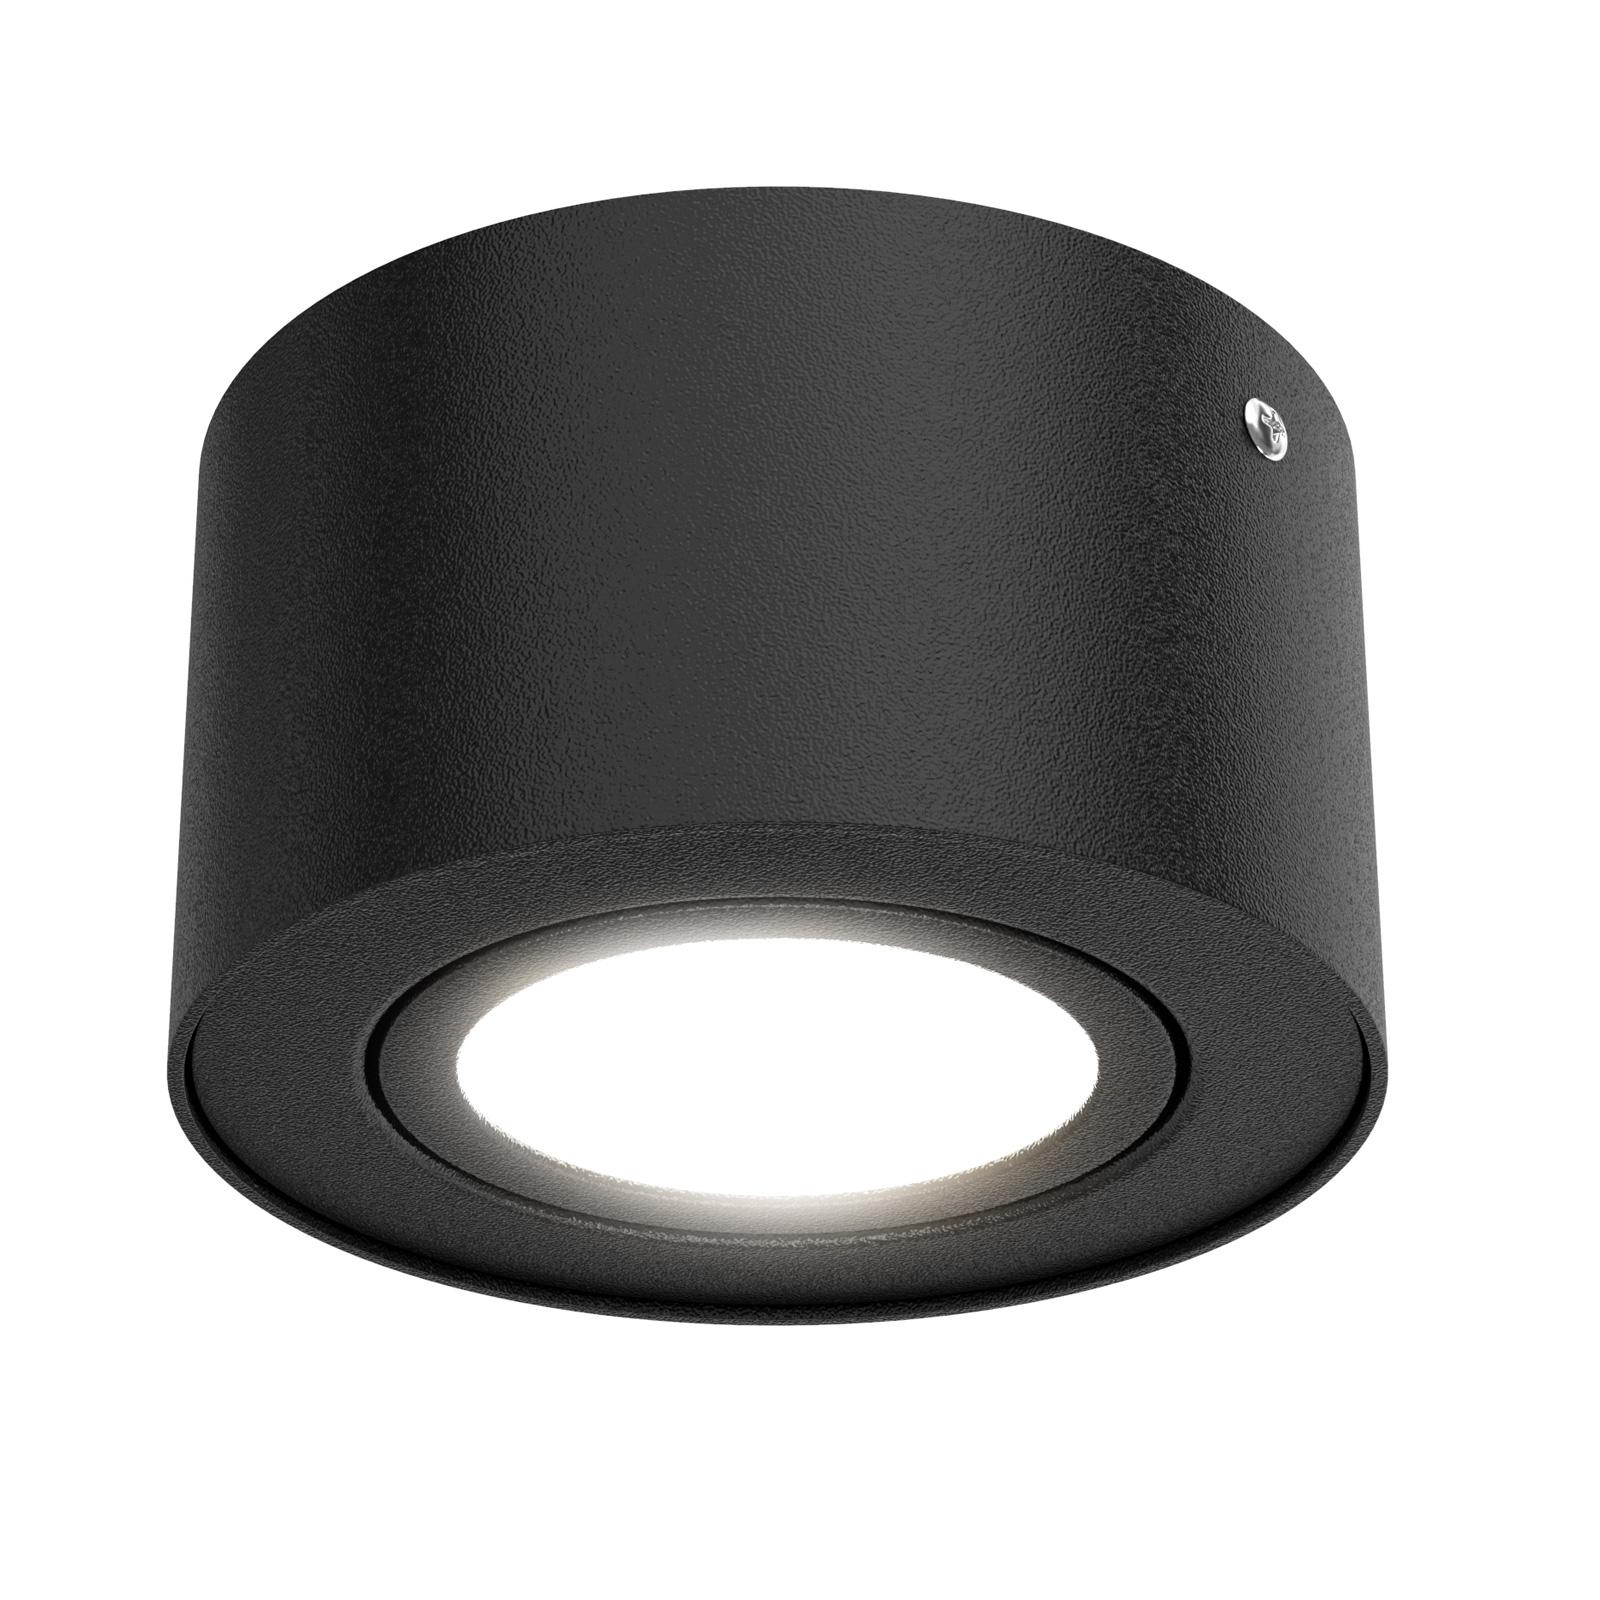 LED-Deckenstrahler Tube 7121-015 in Schwarz